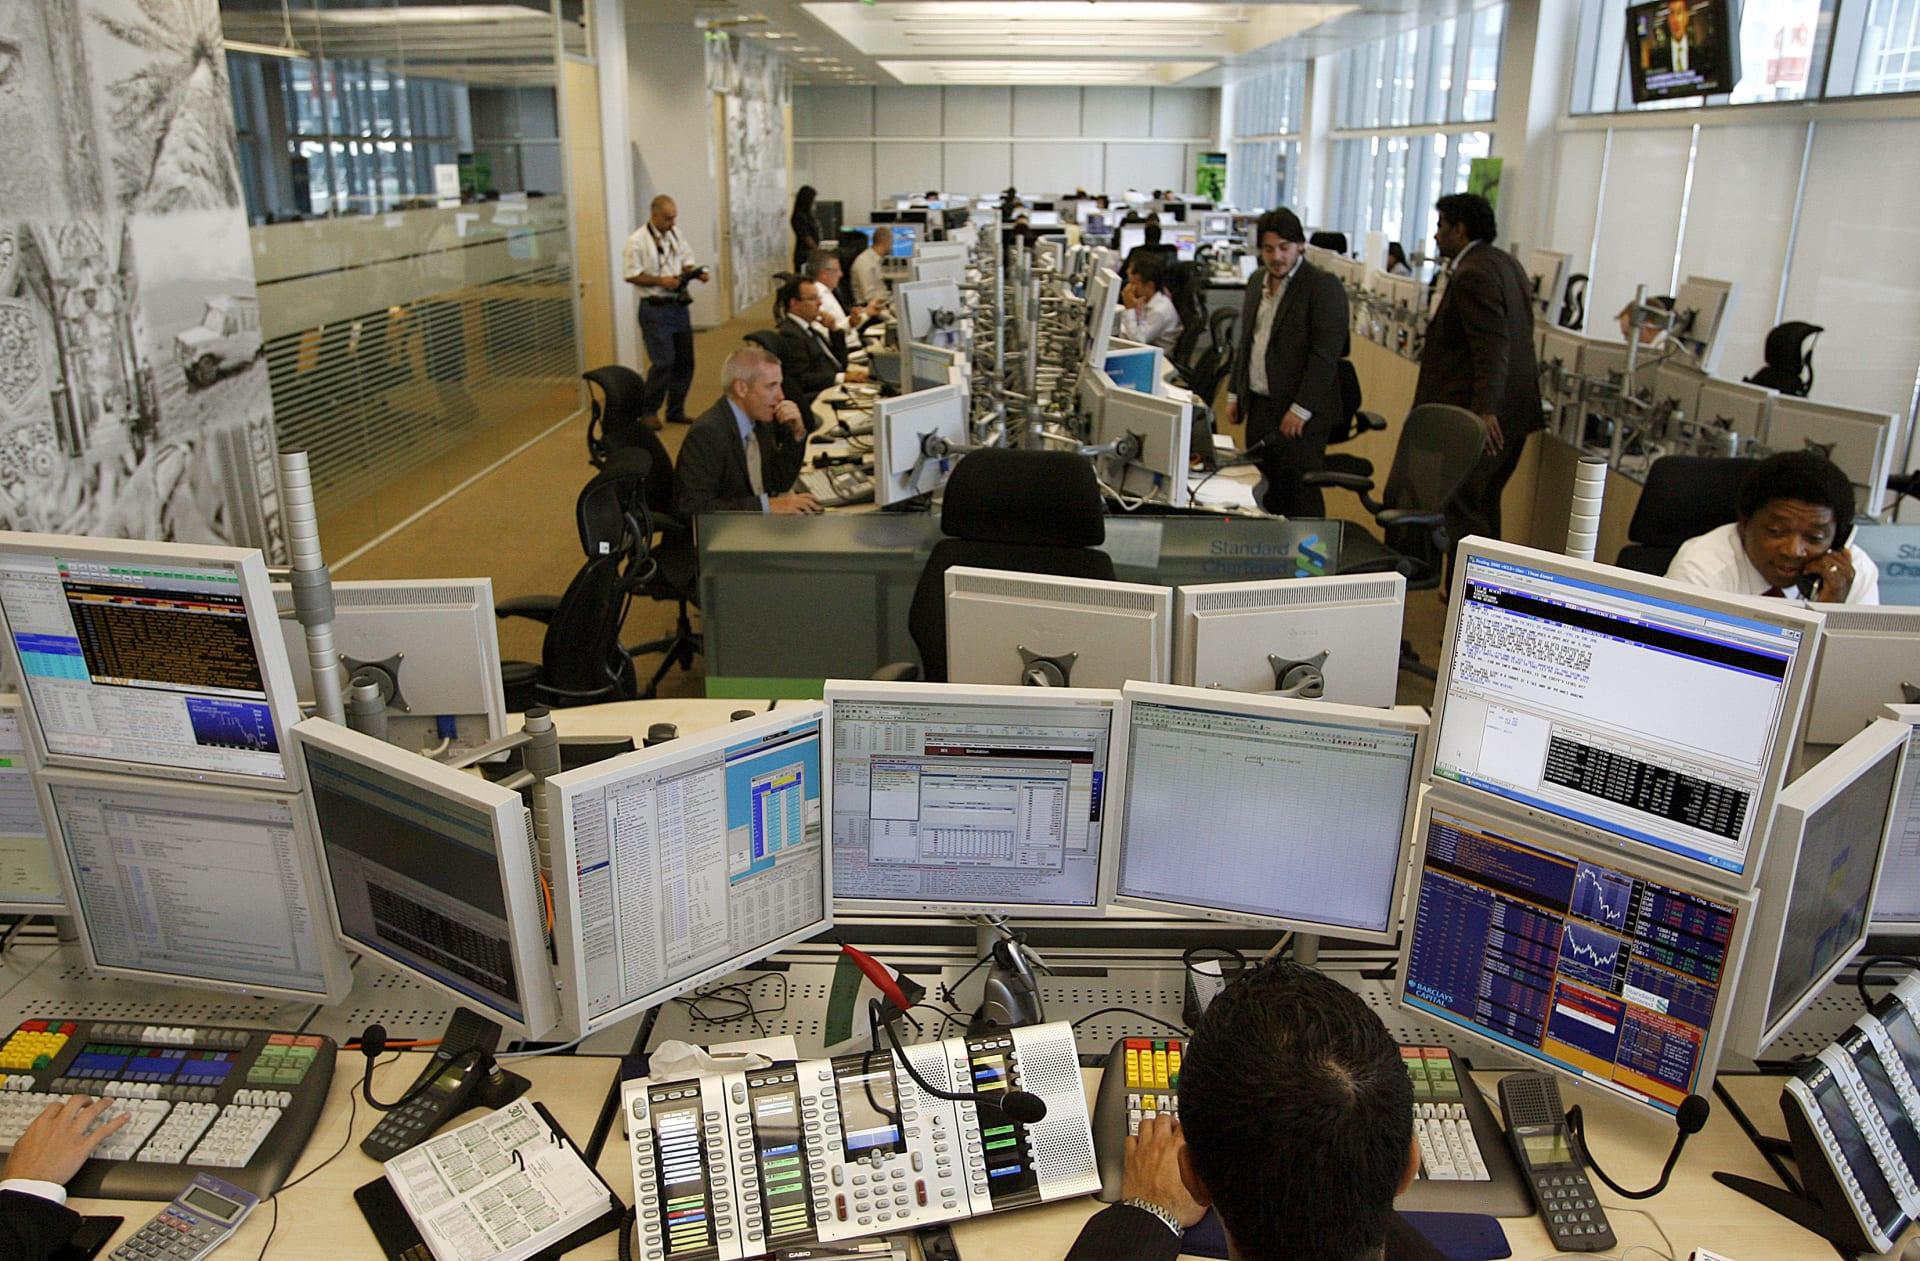 ما مدى رضا المهنيين في الإمارات عن وظائفهم؟